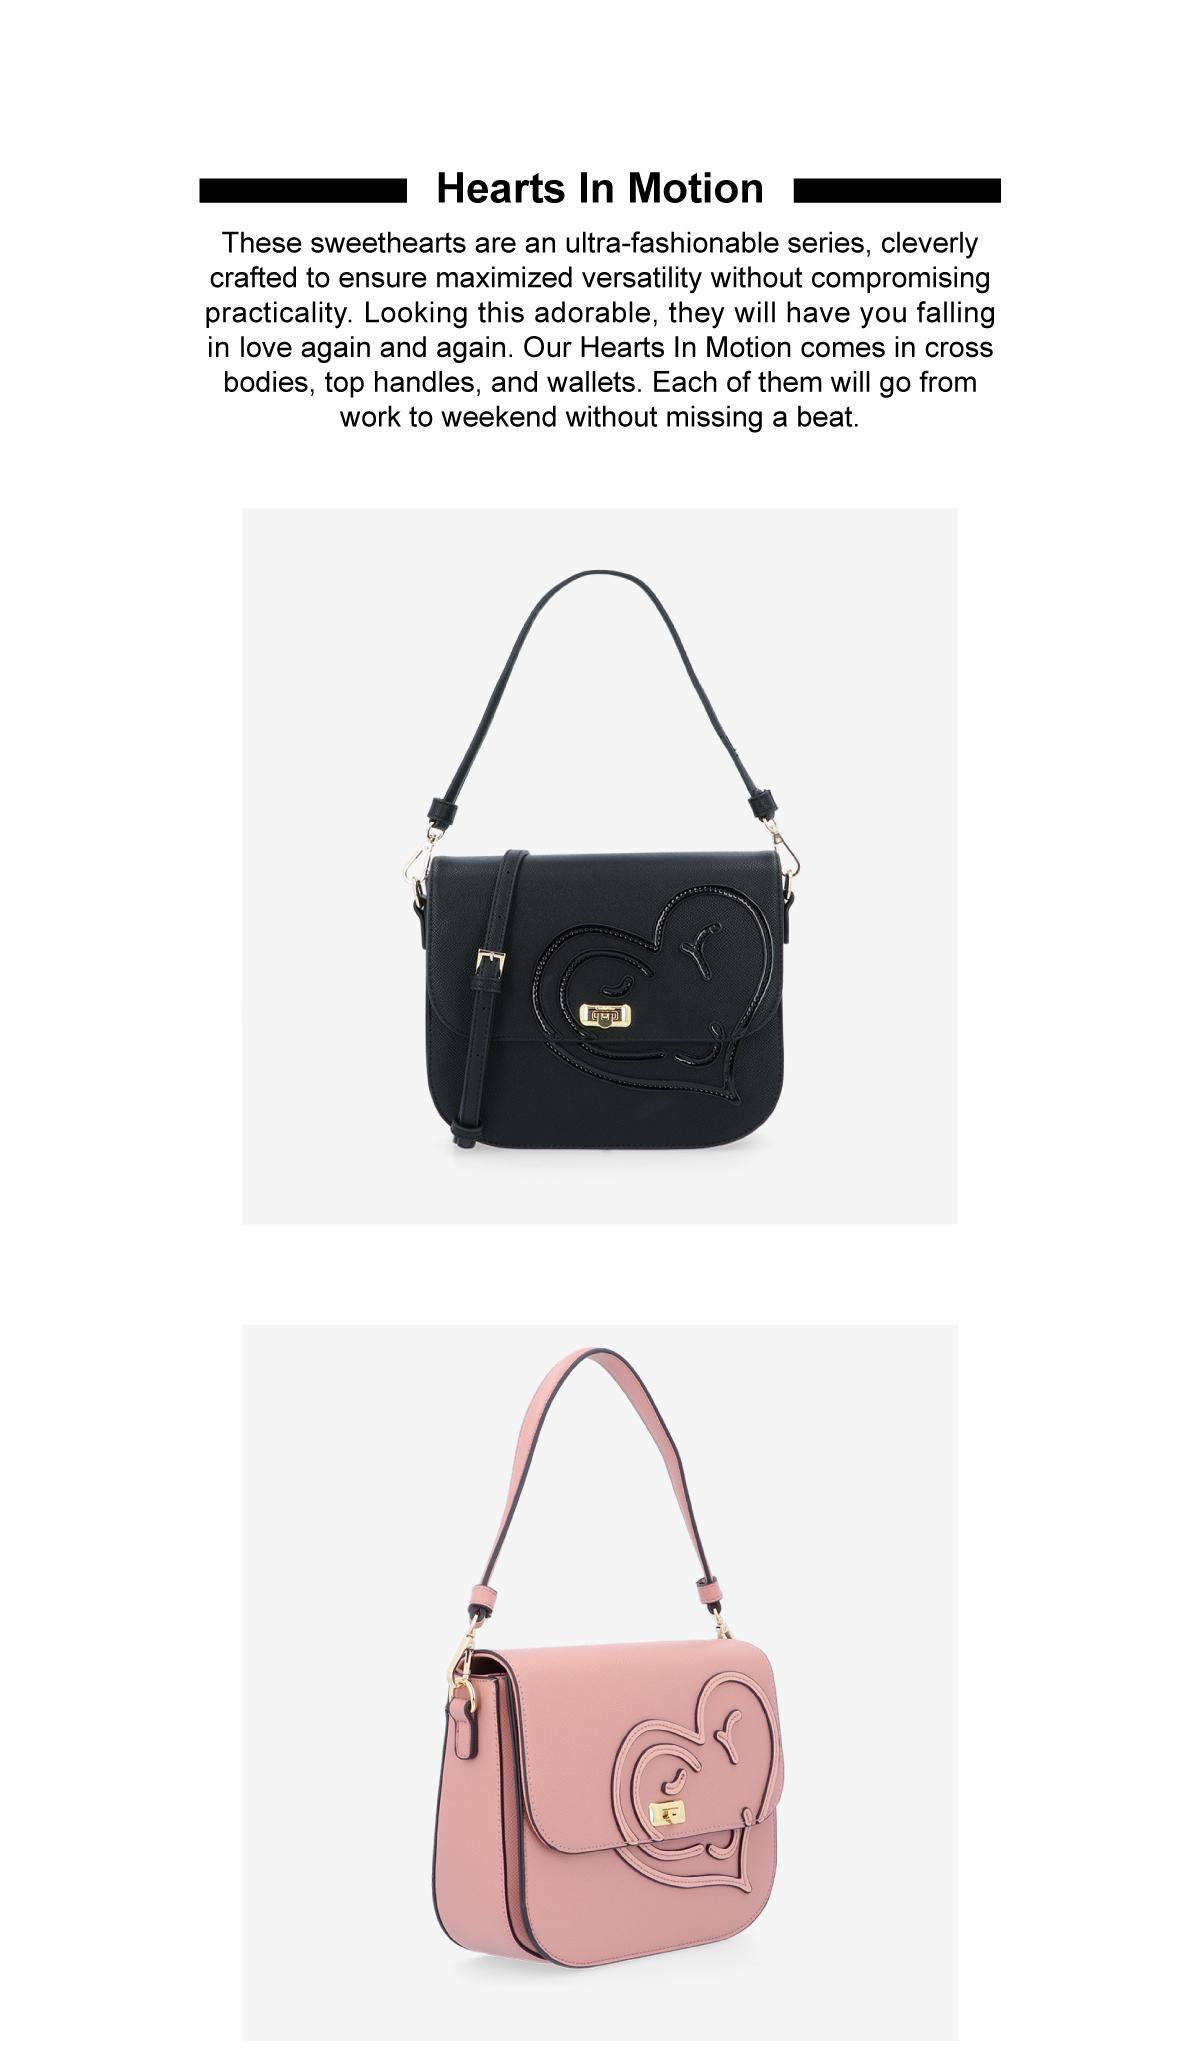 0305043J 001 2 - Hearts In Motion Shoulder Bag - Style 1